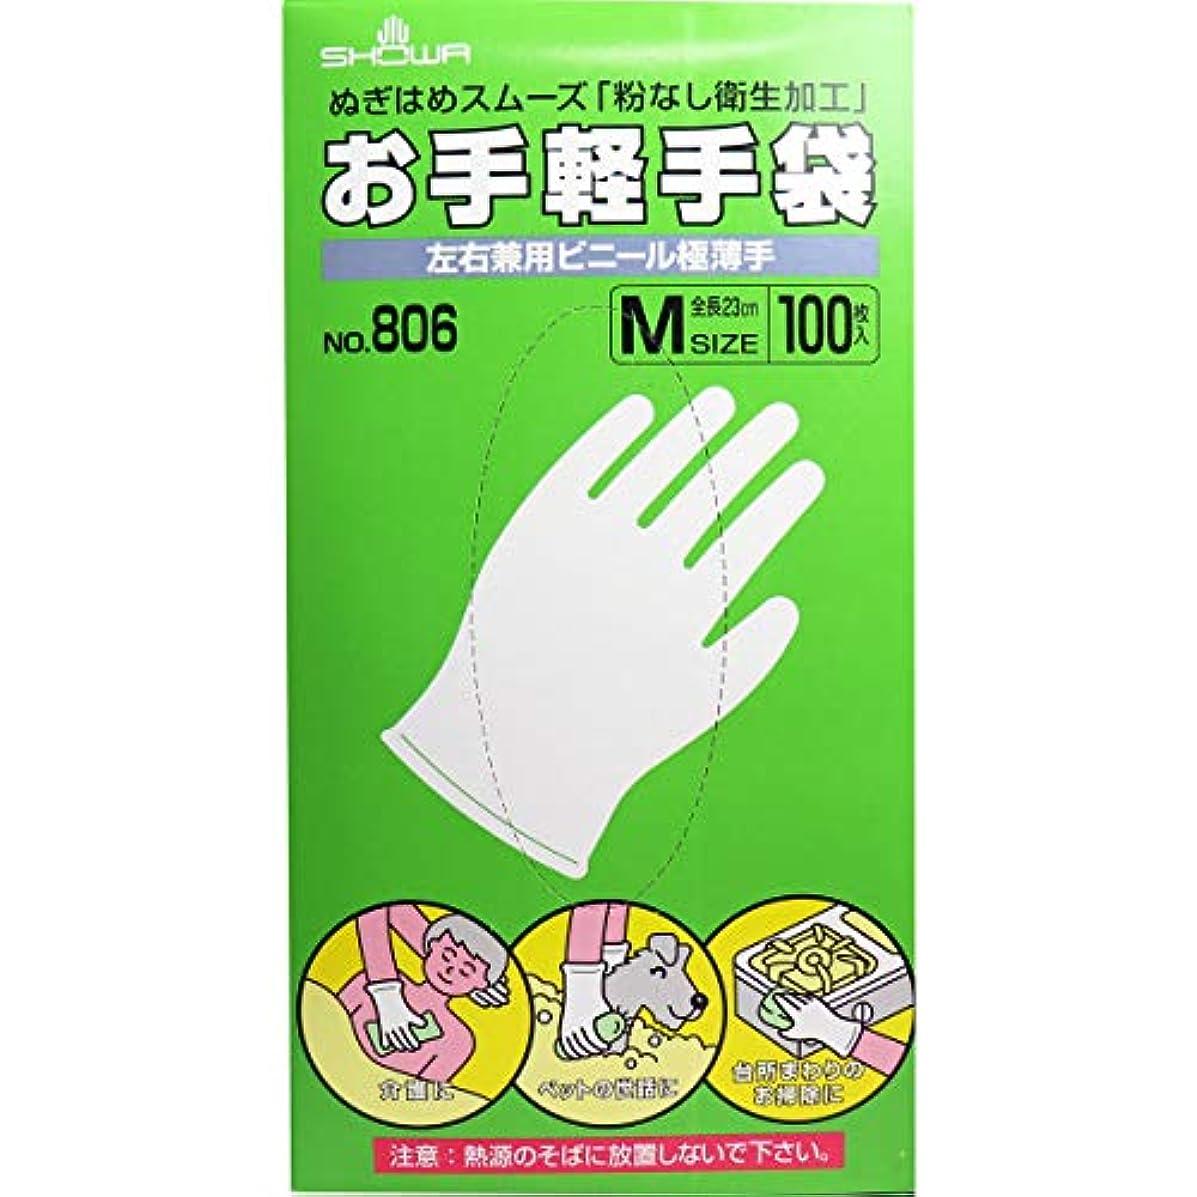 発掘はげ暗唱するお手軽手袋 No.806 左右兼用ビニール極薄手 粉なし Mサイズ 100枚入×2個セット